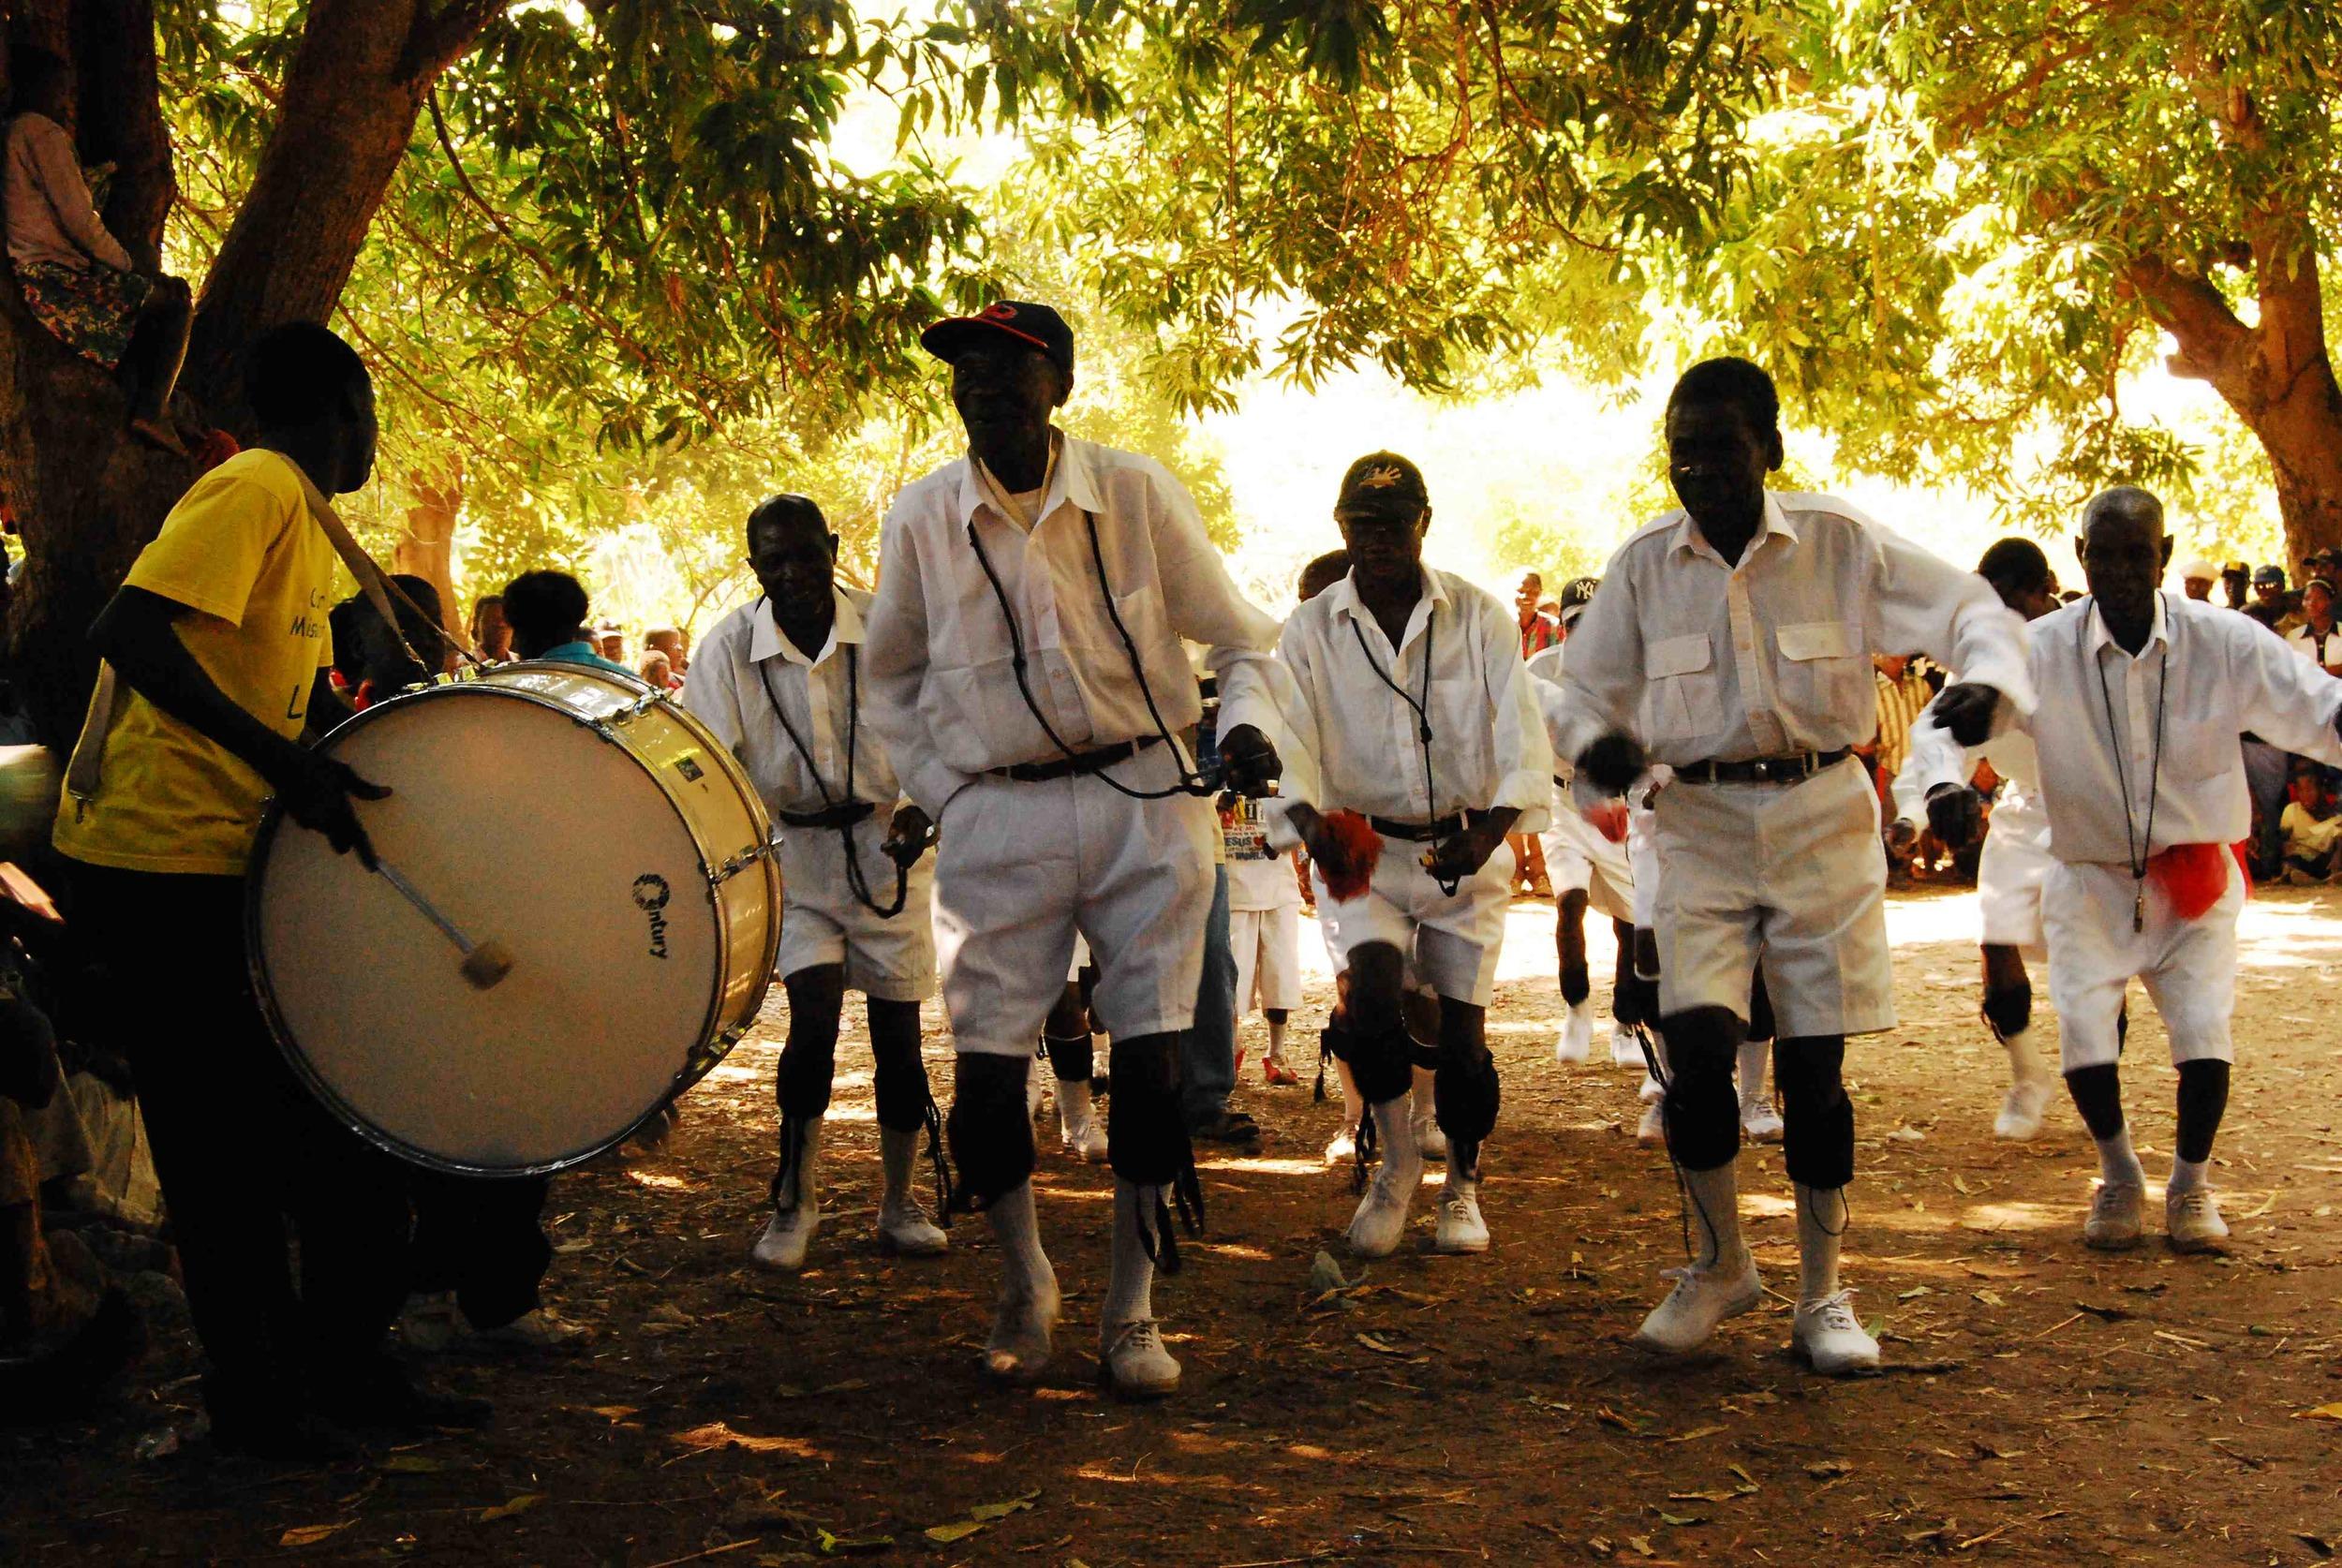 Malipenga a traditional tumbuka dance for men, Karonga District Malawi